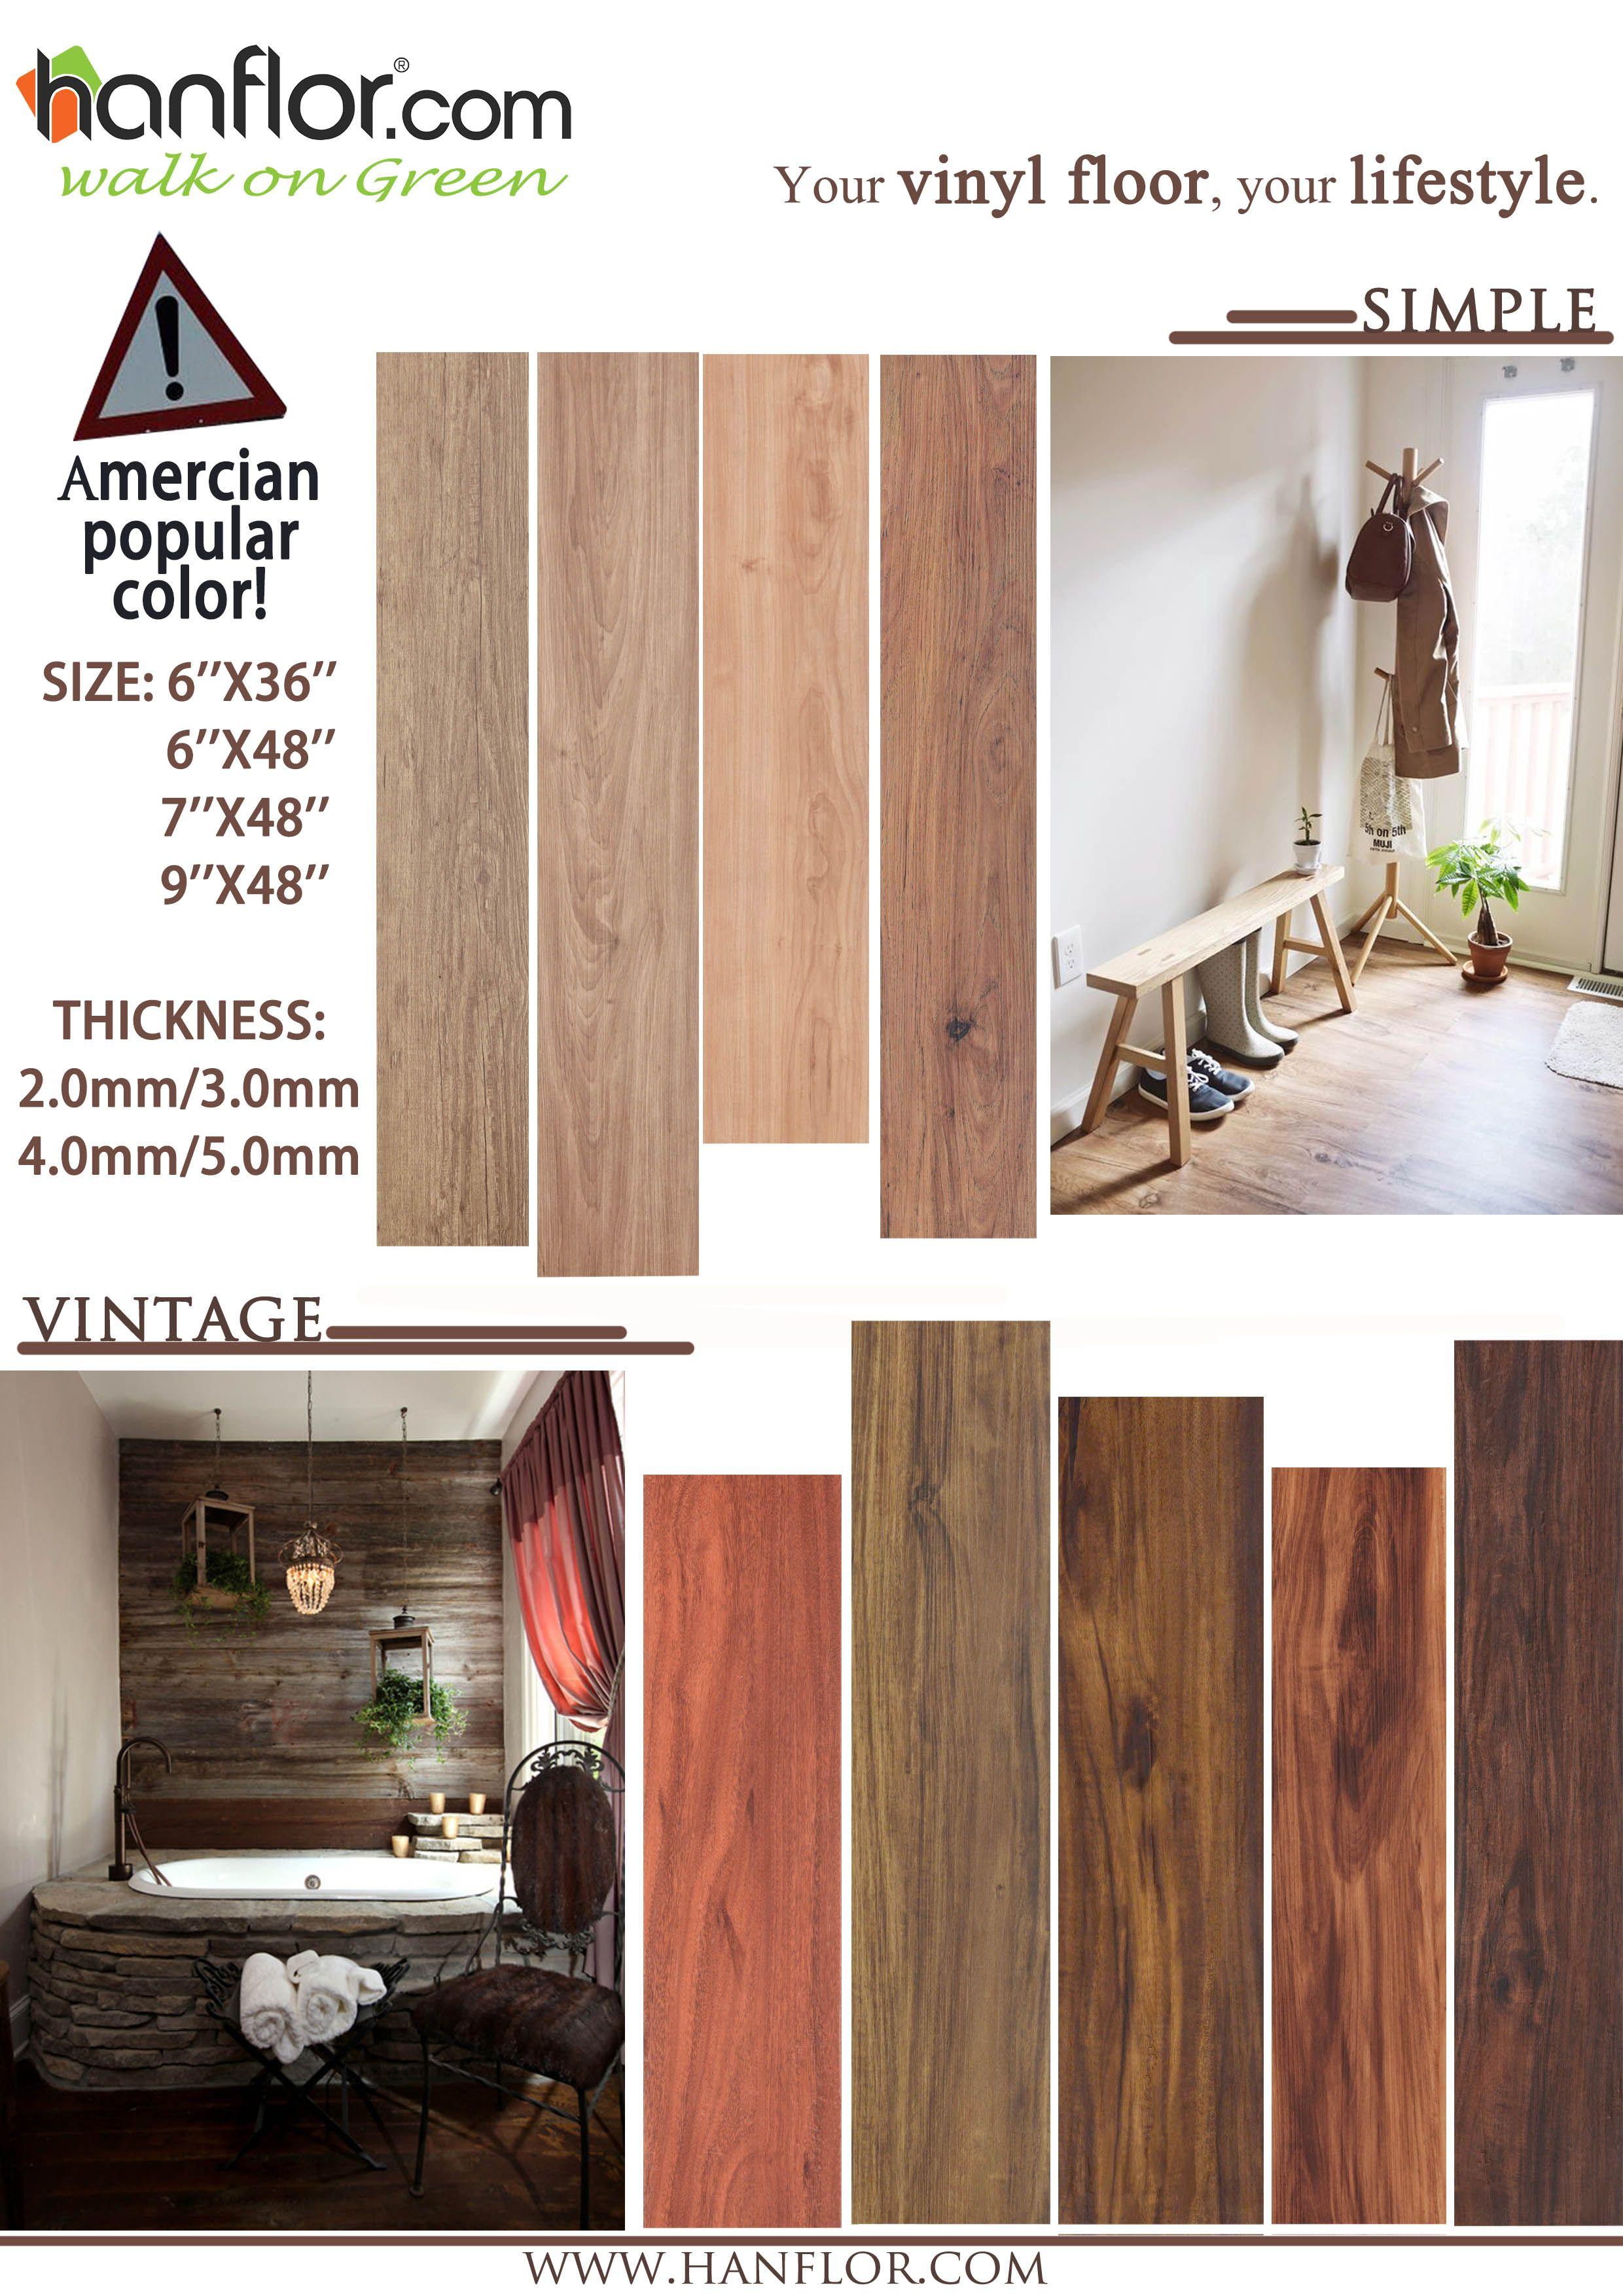 Vinyl Floor Hanflor Can Always Inspire Your Life Hanflor Vinylflooring Indoorpvc Pvcfloor Pvcplank Vinyl Flooring Luxury Vinyl Plank Pvc Vinyl Flooring